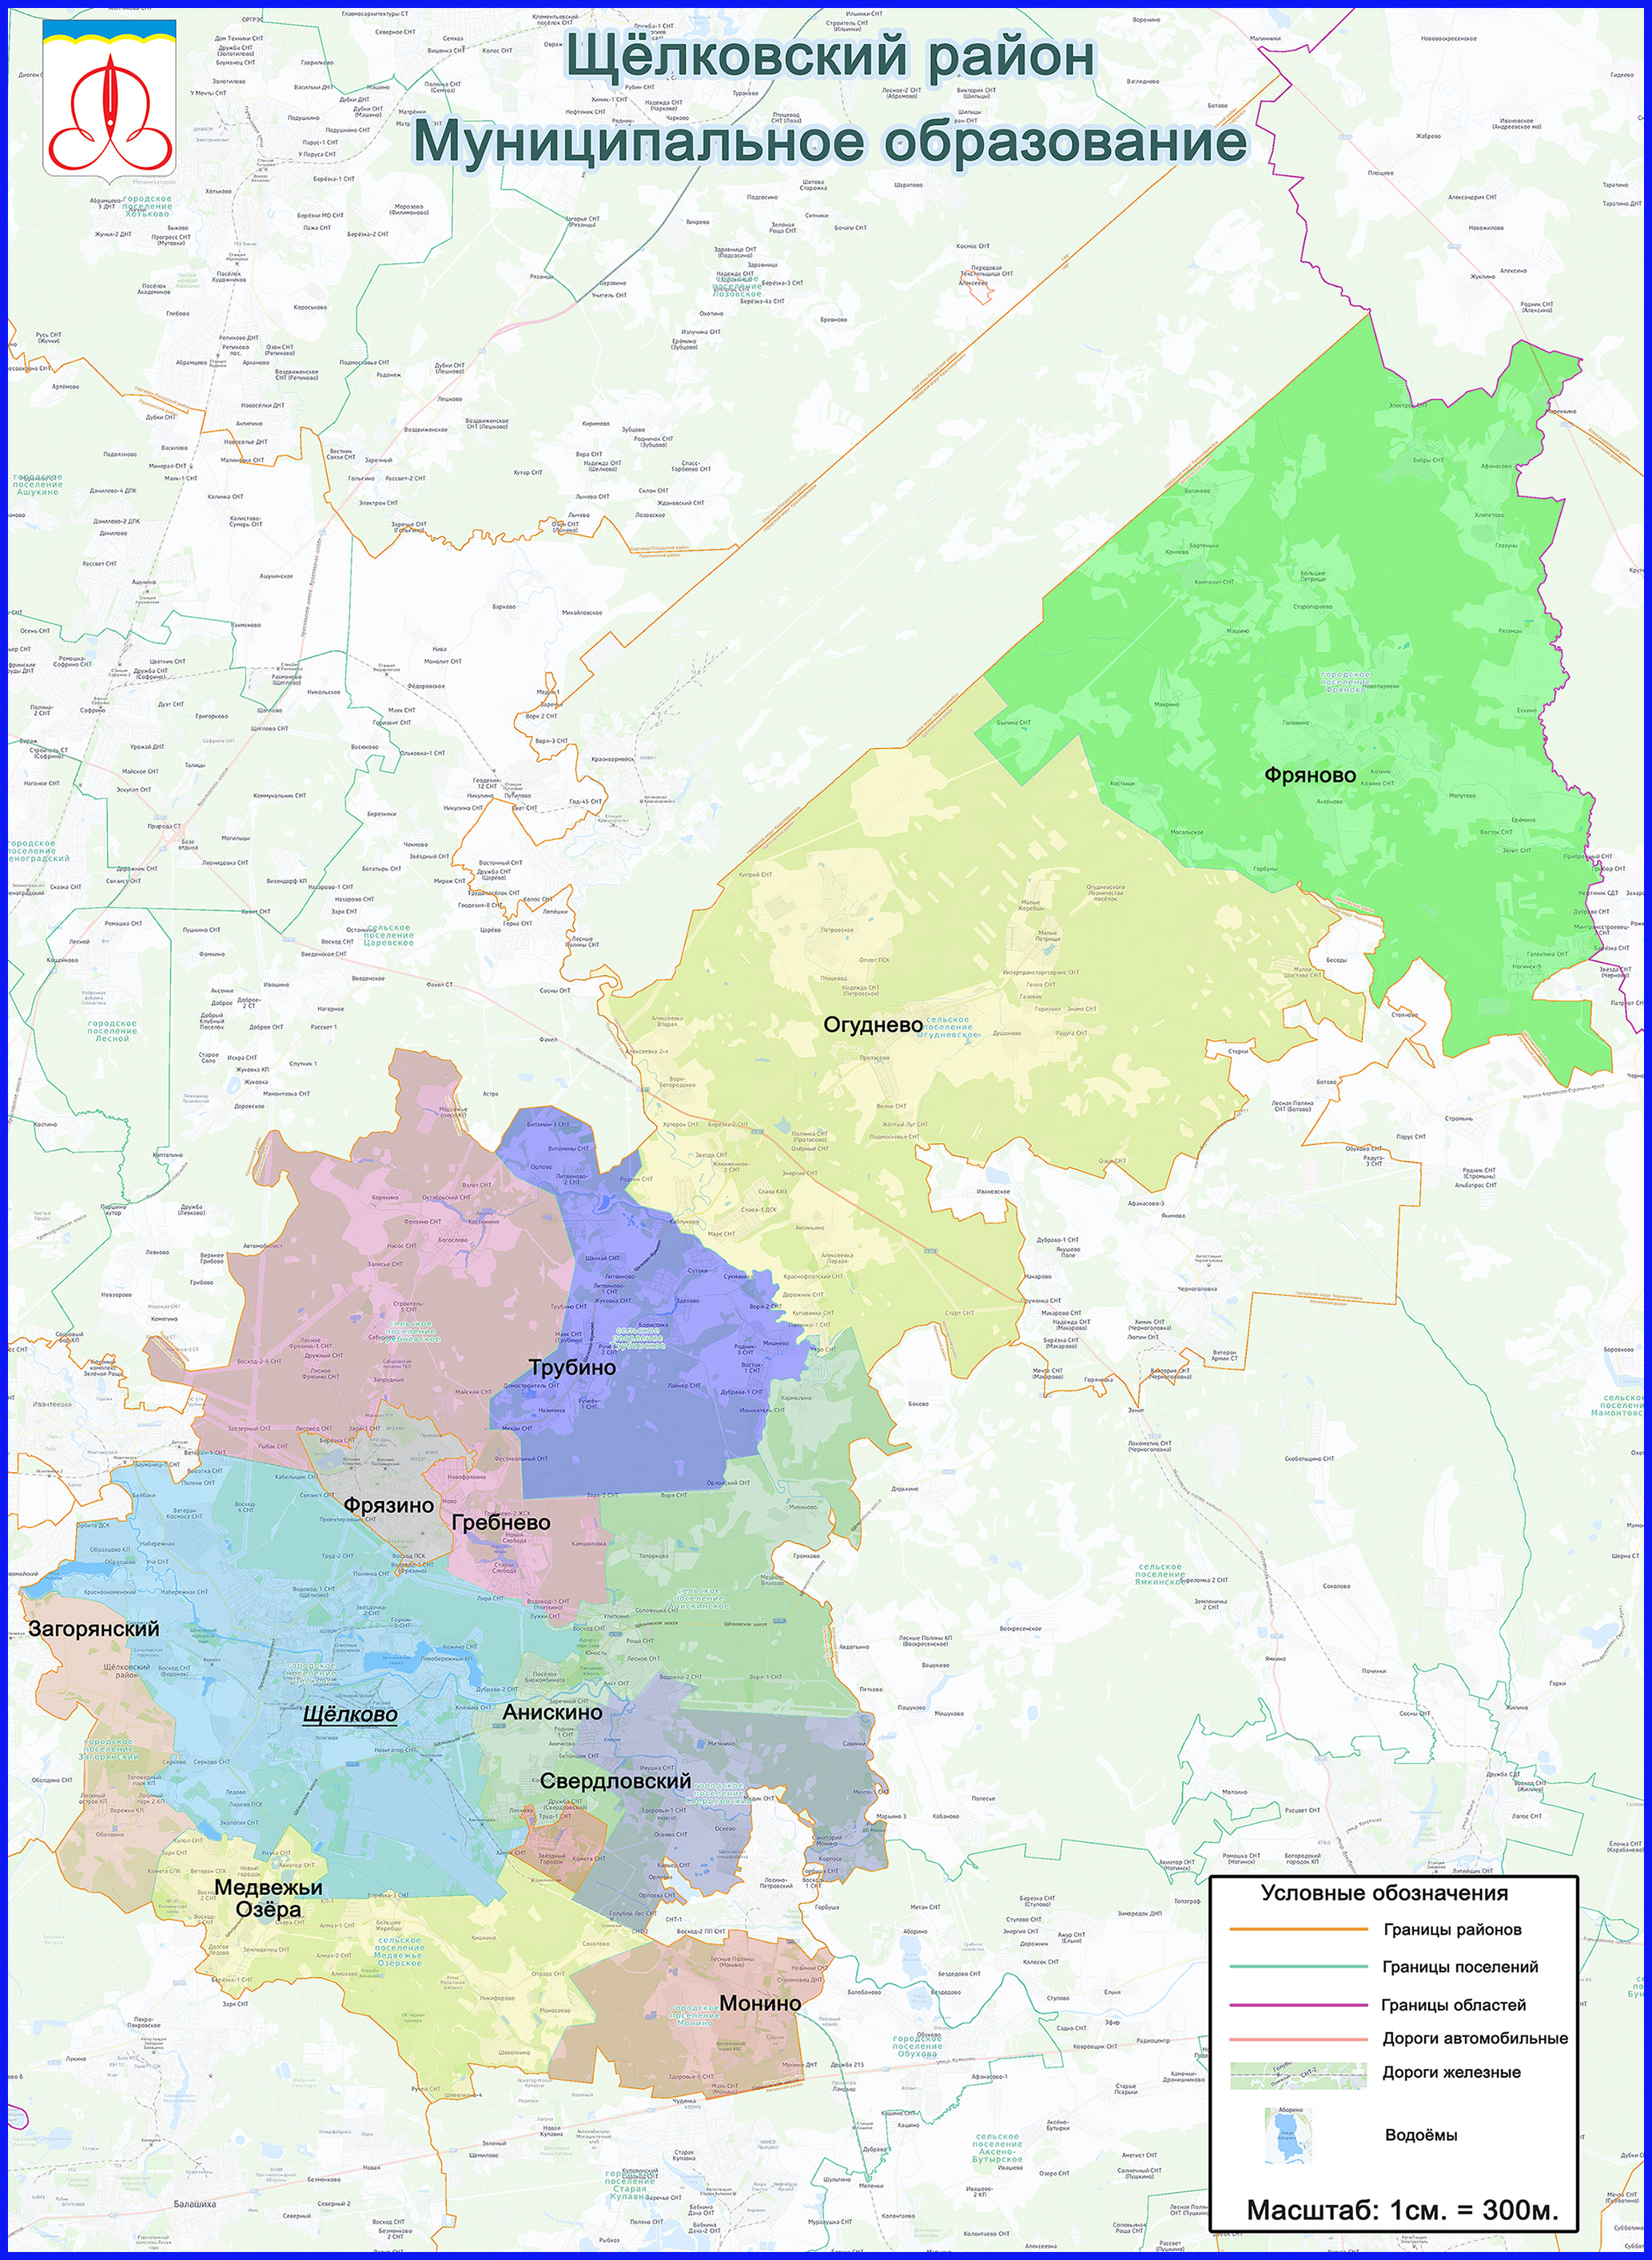 Карта щёлковского района административная